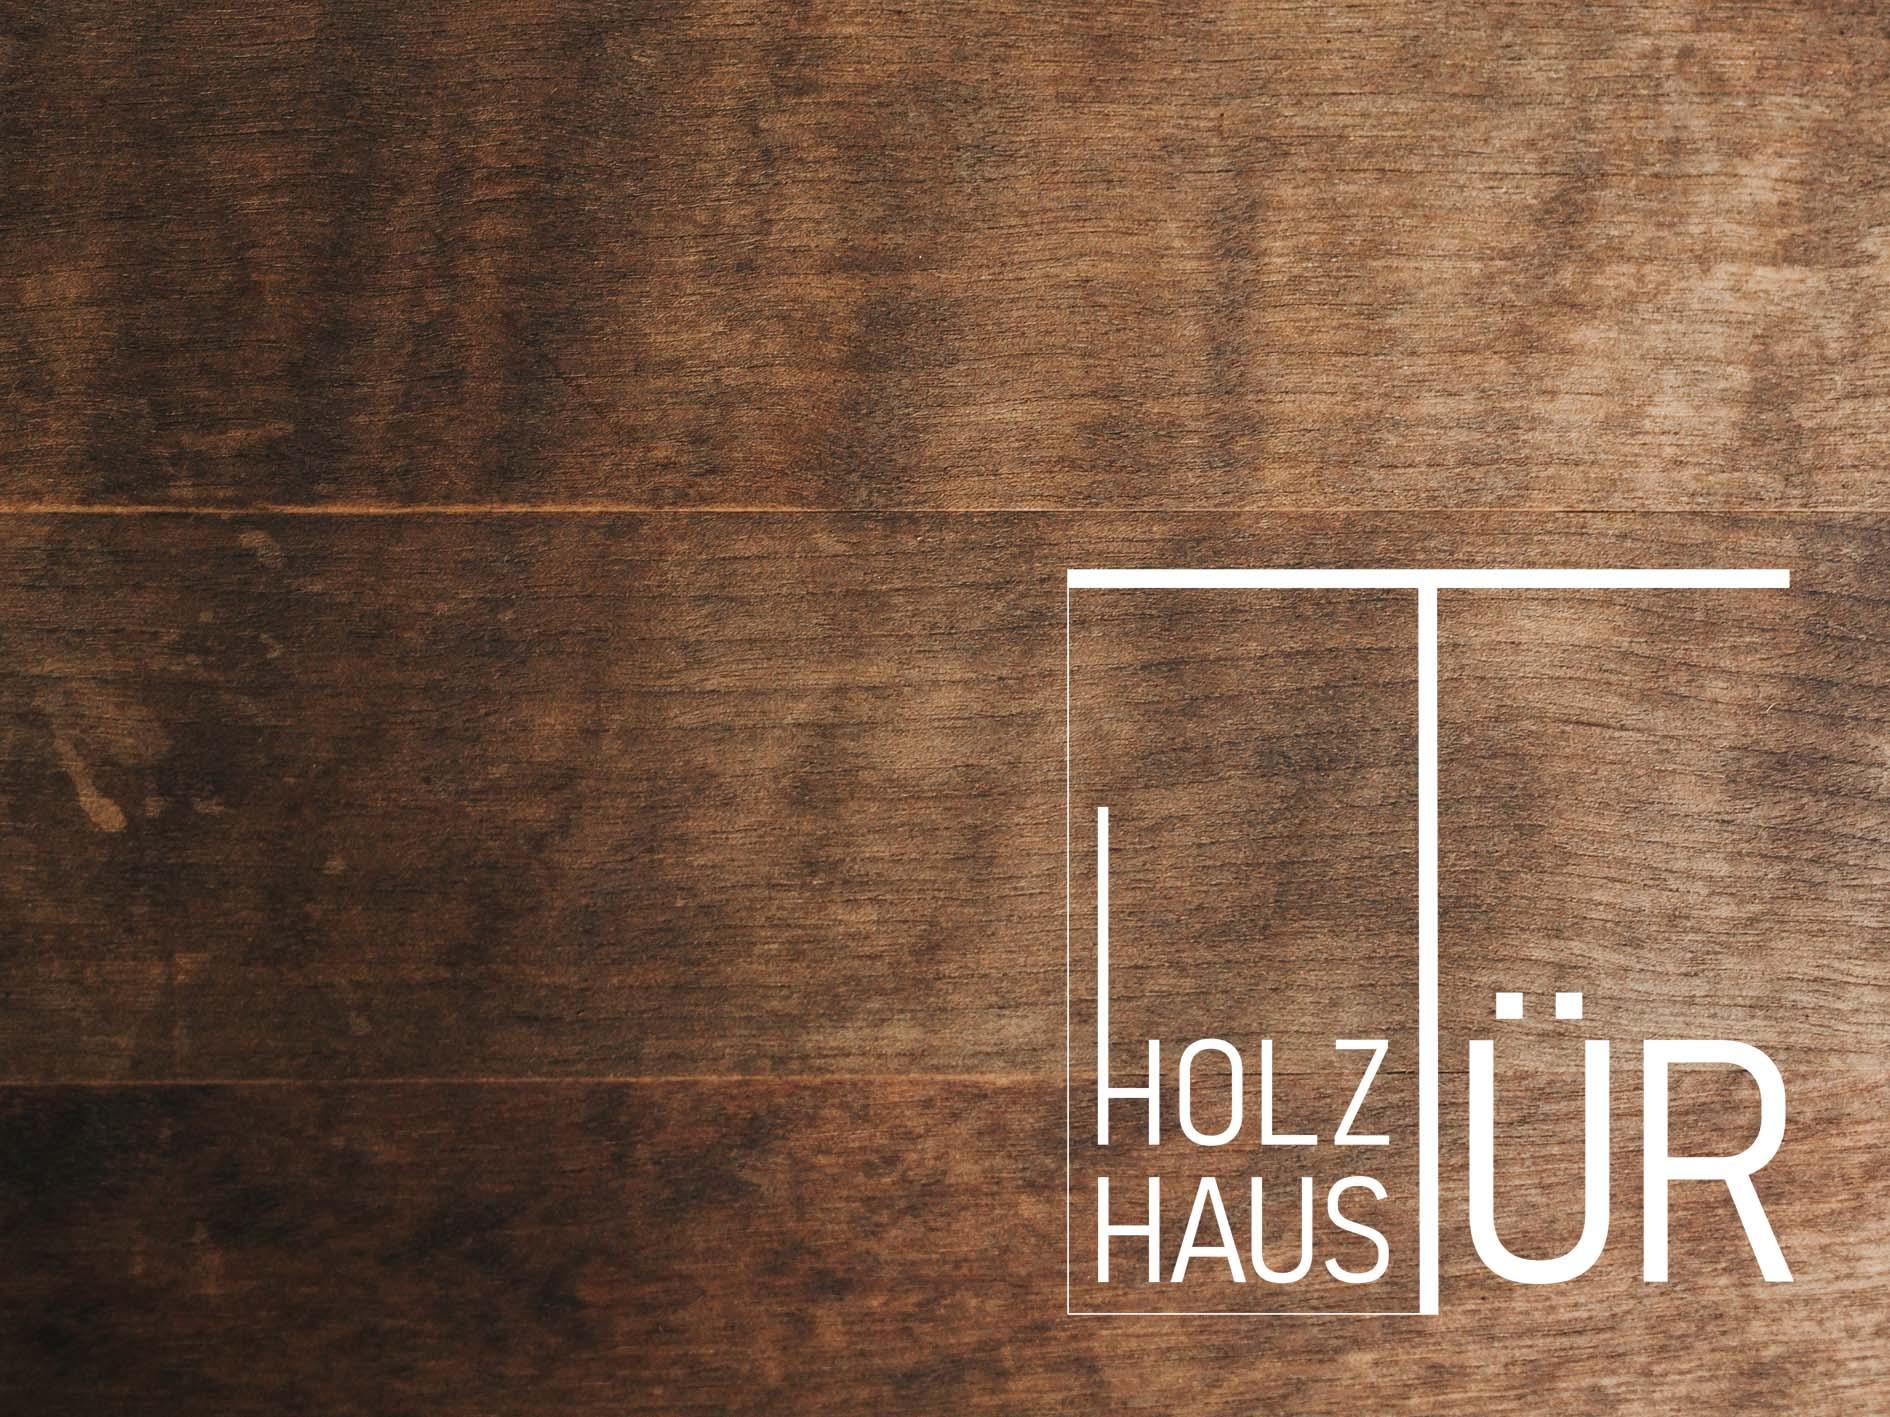 Salzburg sucht die schönste HOLZ-Haustür!